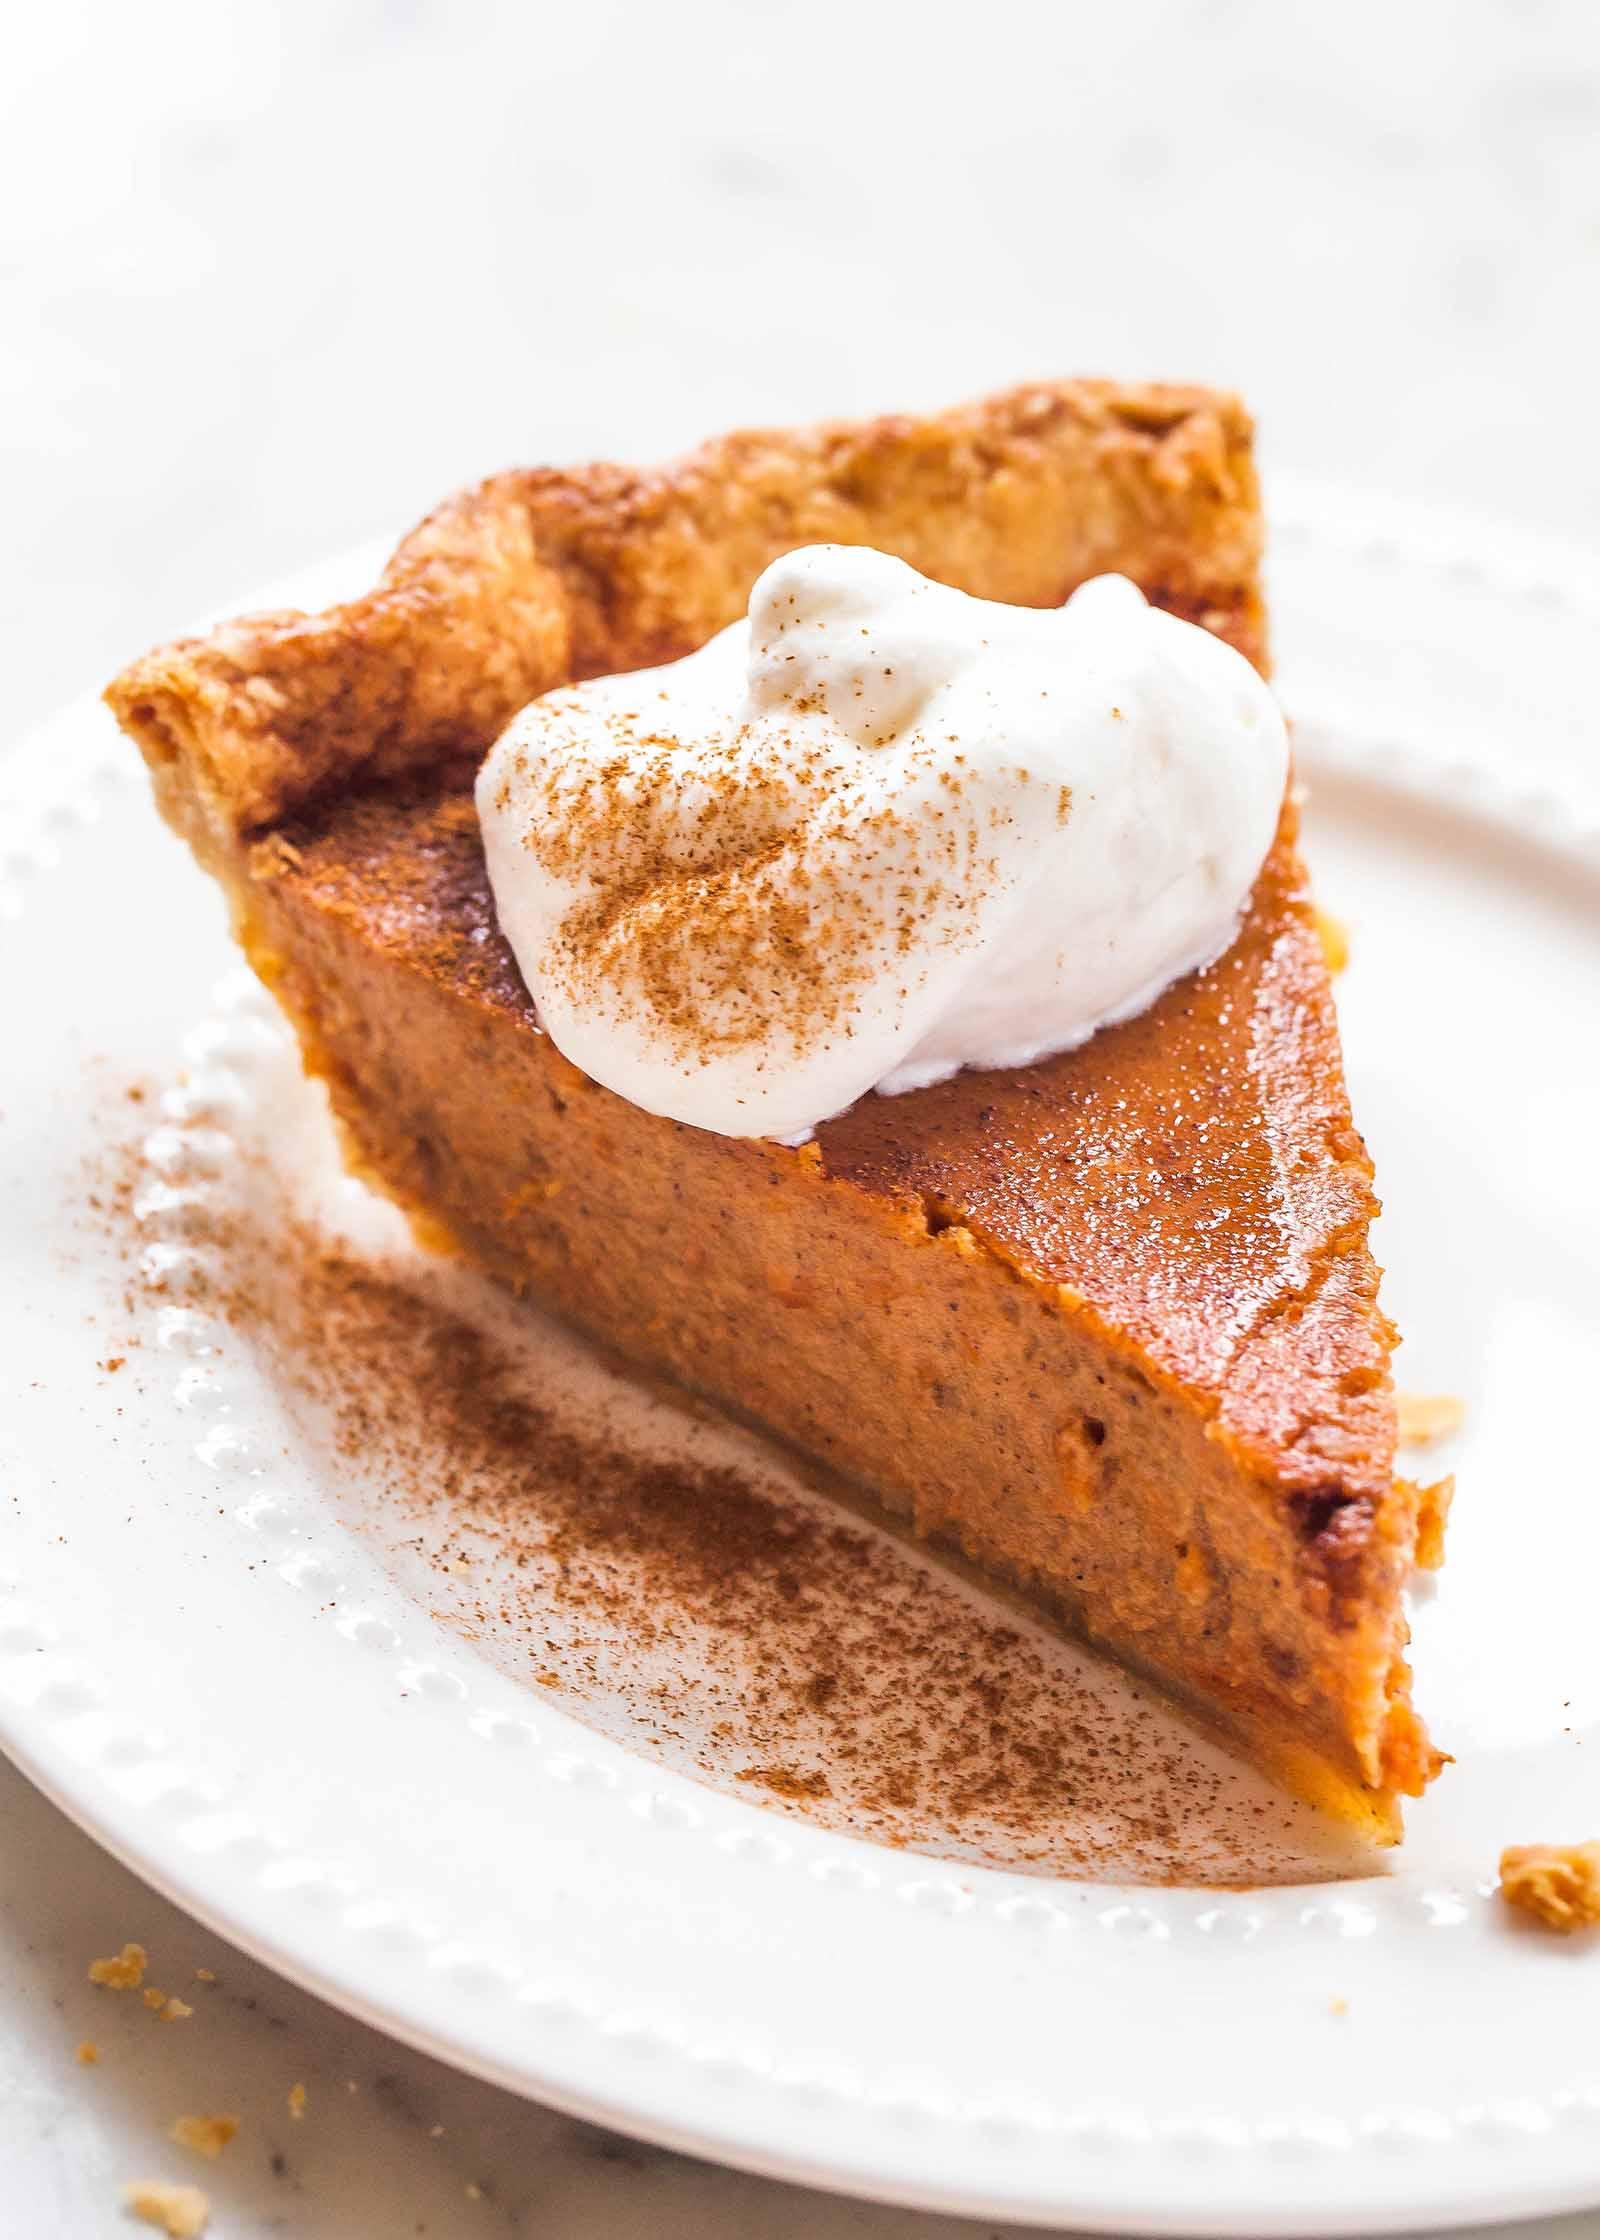 Ломтик пирога из сладкого картофеля на белой тарелке со взбитыми сливками посыпанный корицей и вилкой.